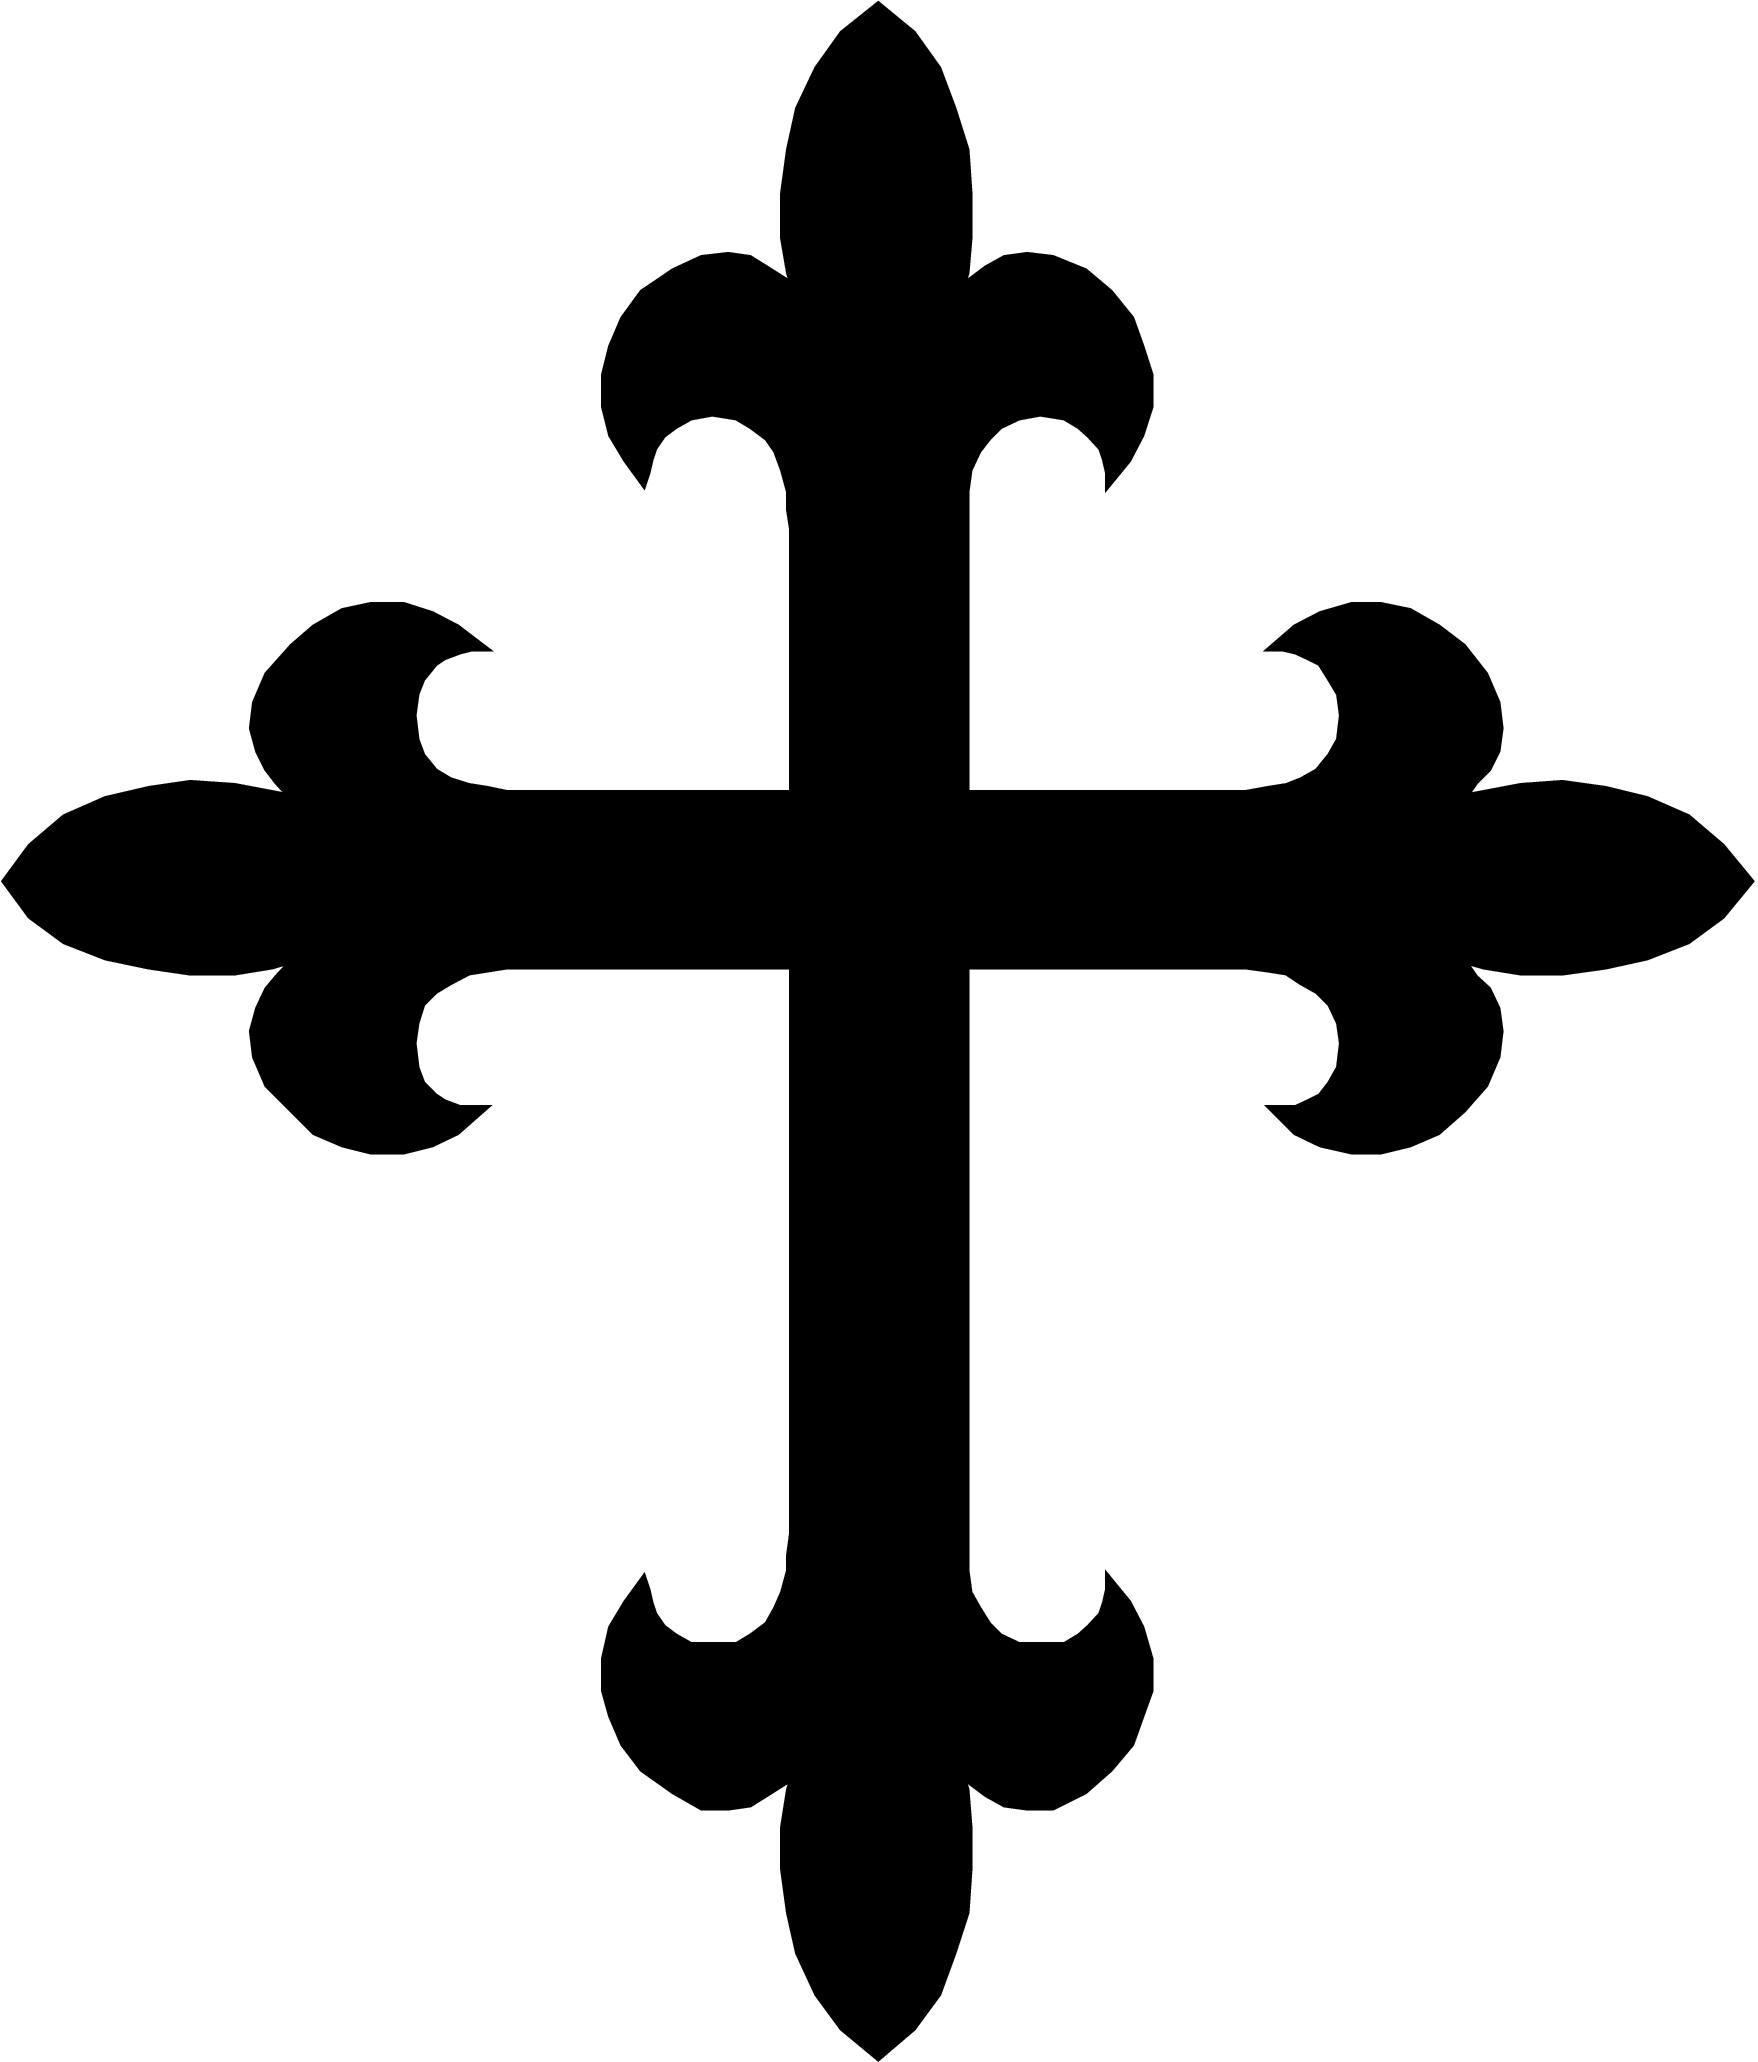 Pics of a cross clipart.